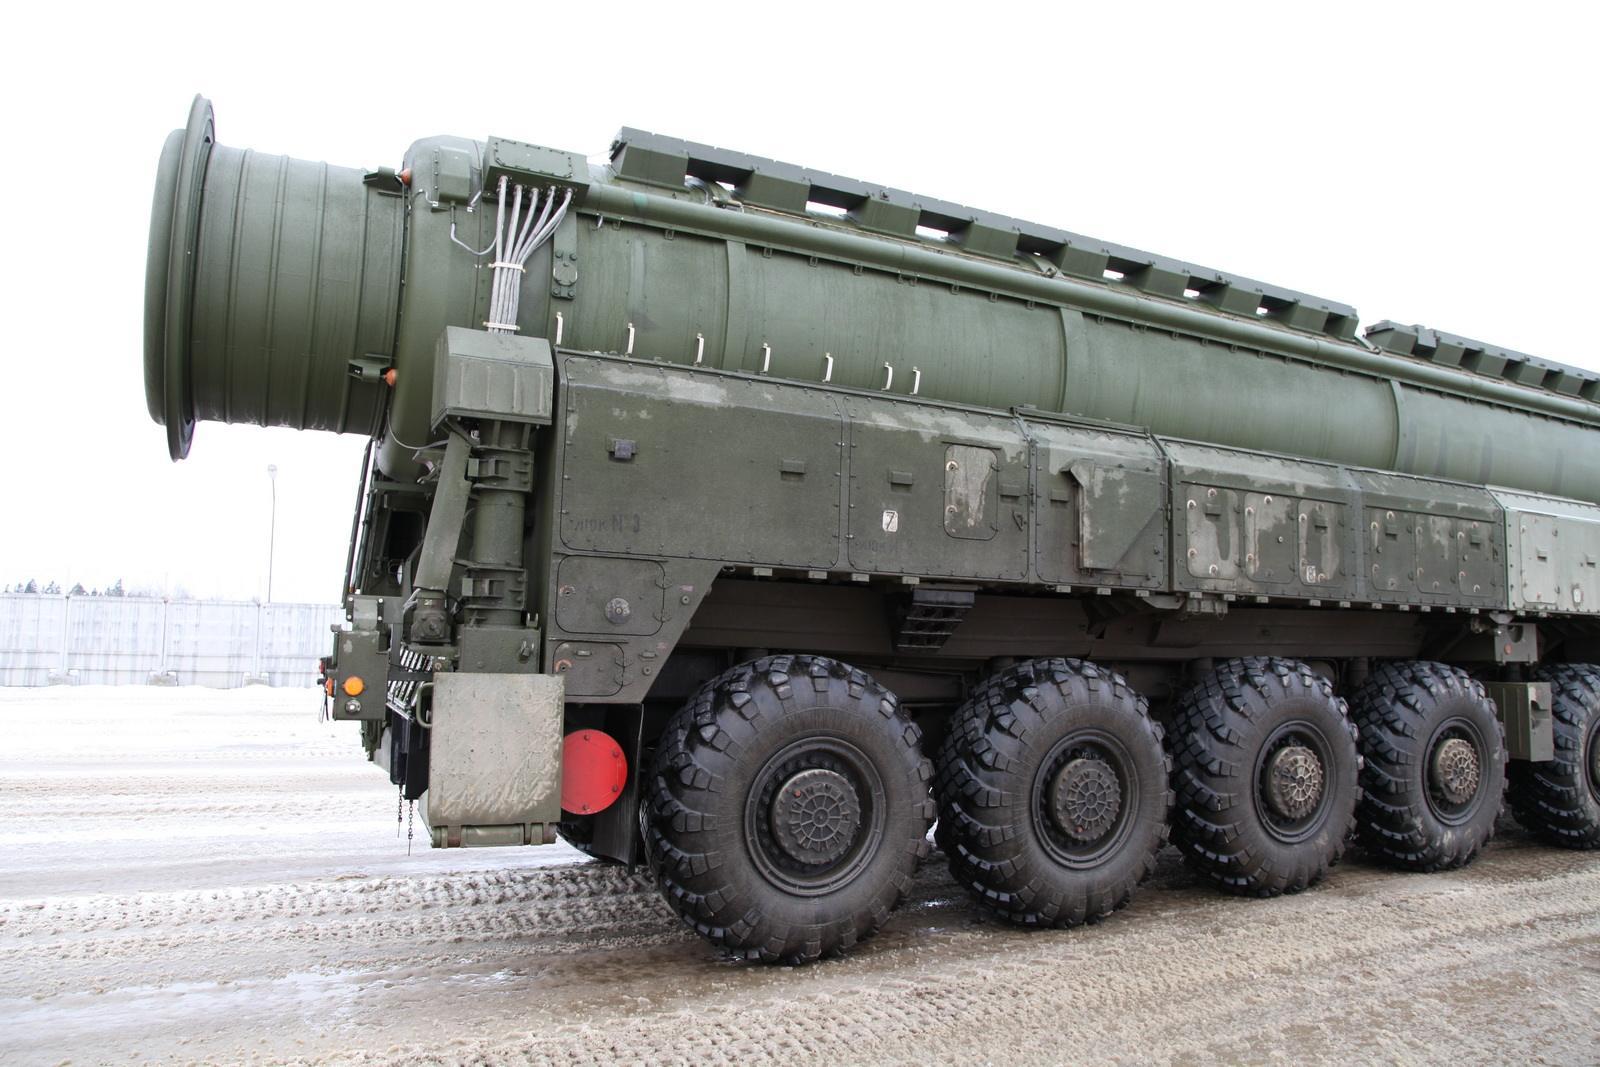 发射一枚东风-41导弹要耗费多少钱?俄专家:一般人承担不起